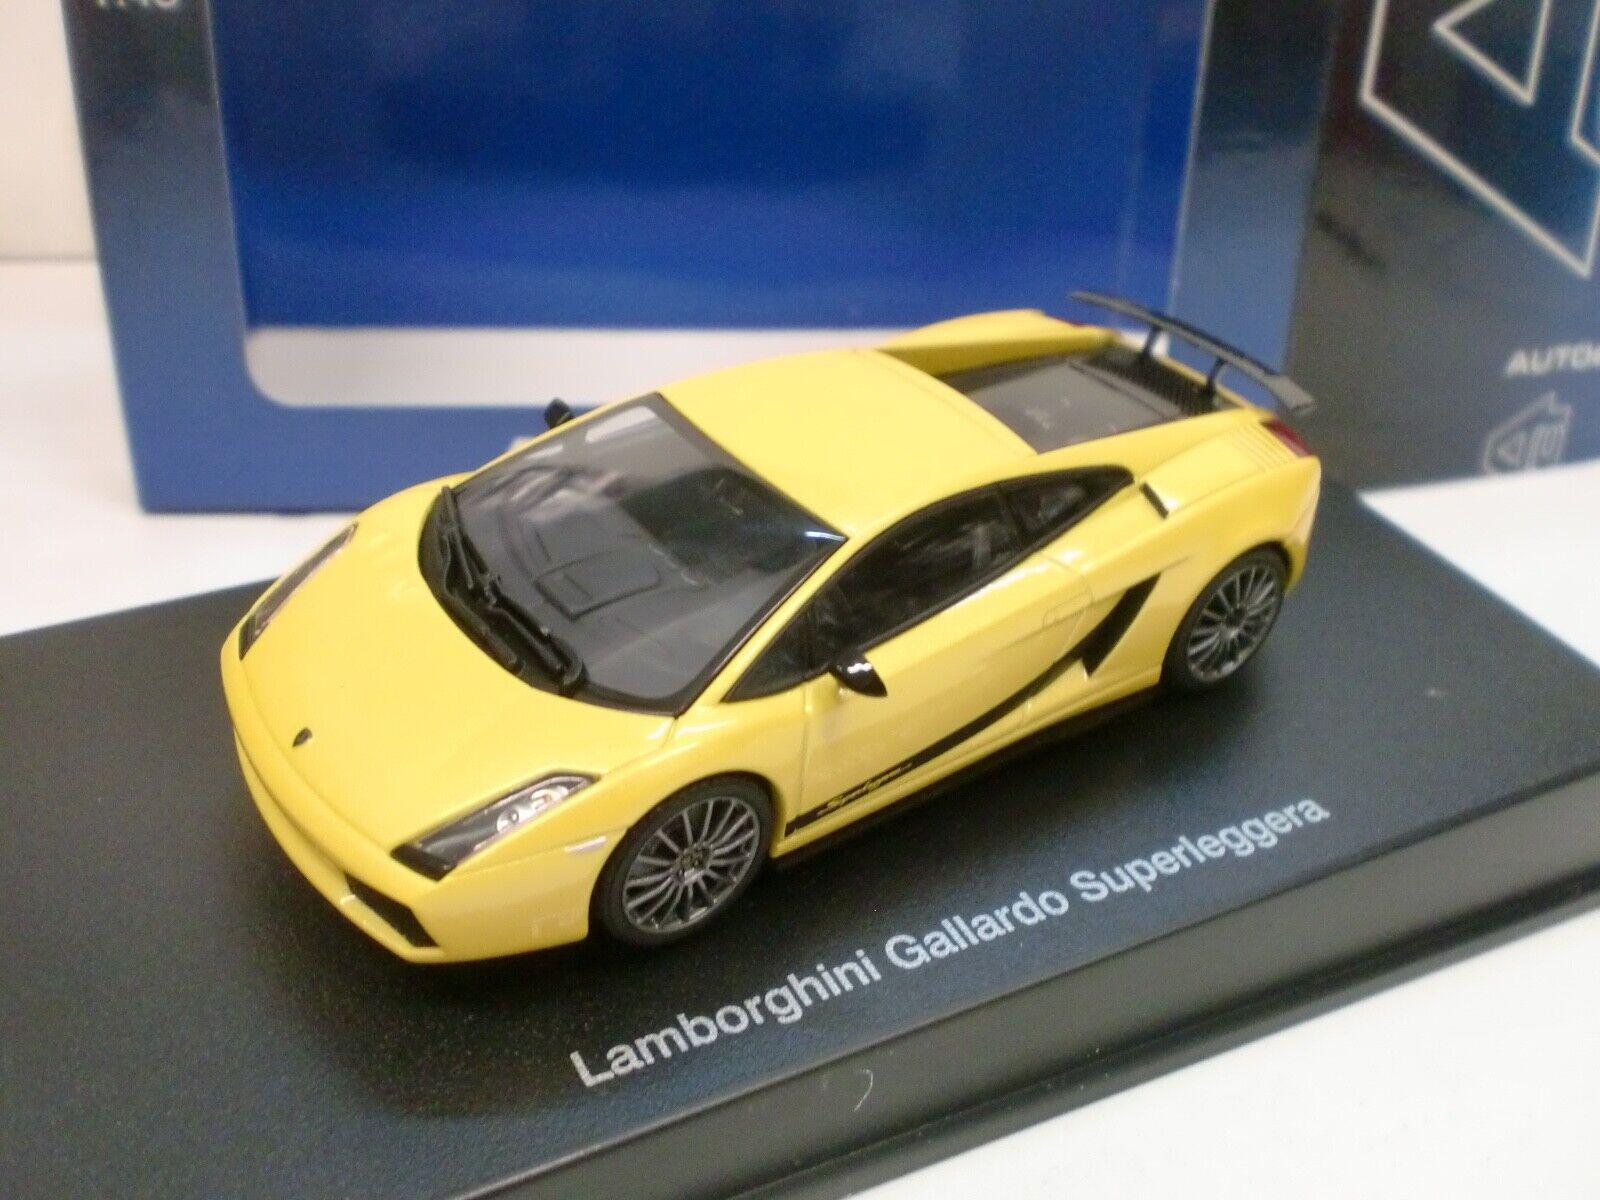 Autoart 1 43 Lamborghini Gallardo Superleggera Art 54614